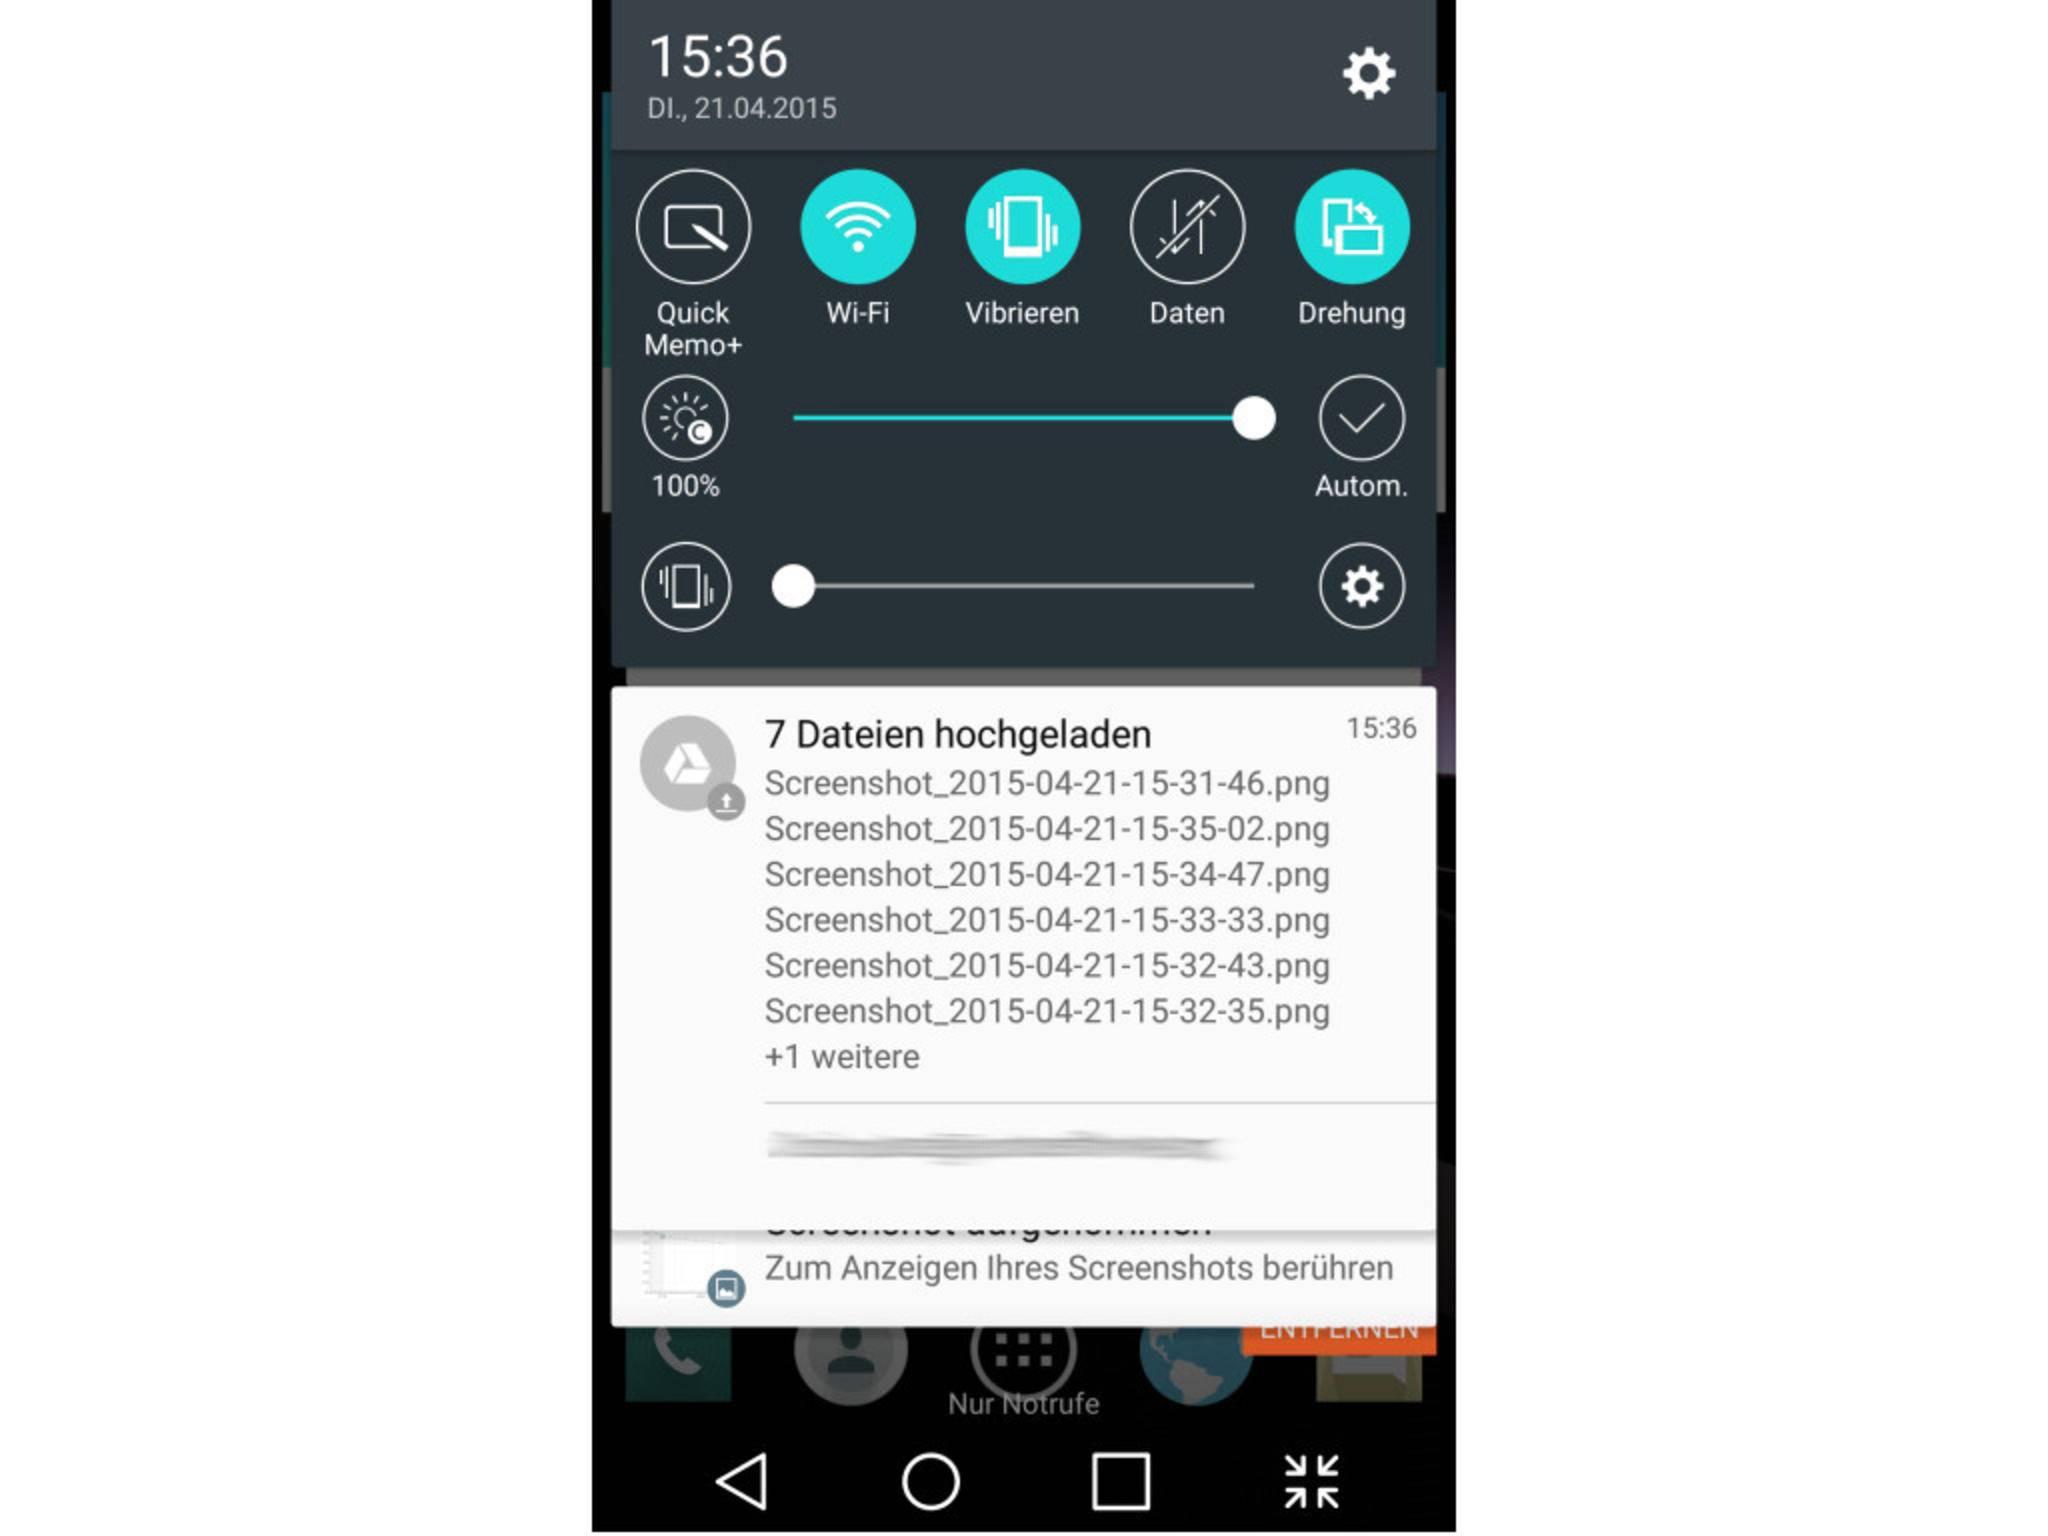 In der Benachrichtigungsleistevon Android kann schon lange interagiert werden.